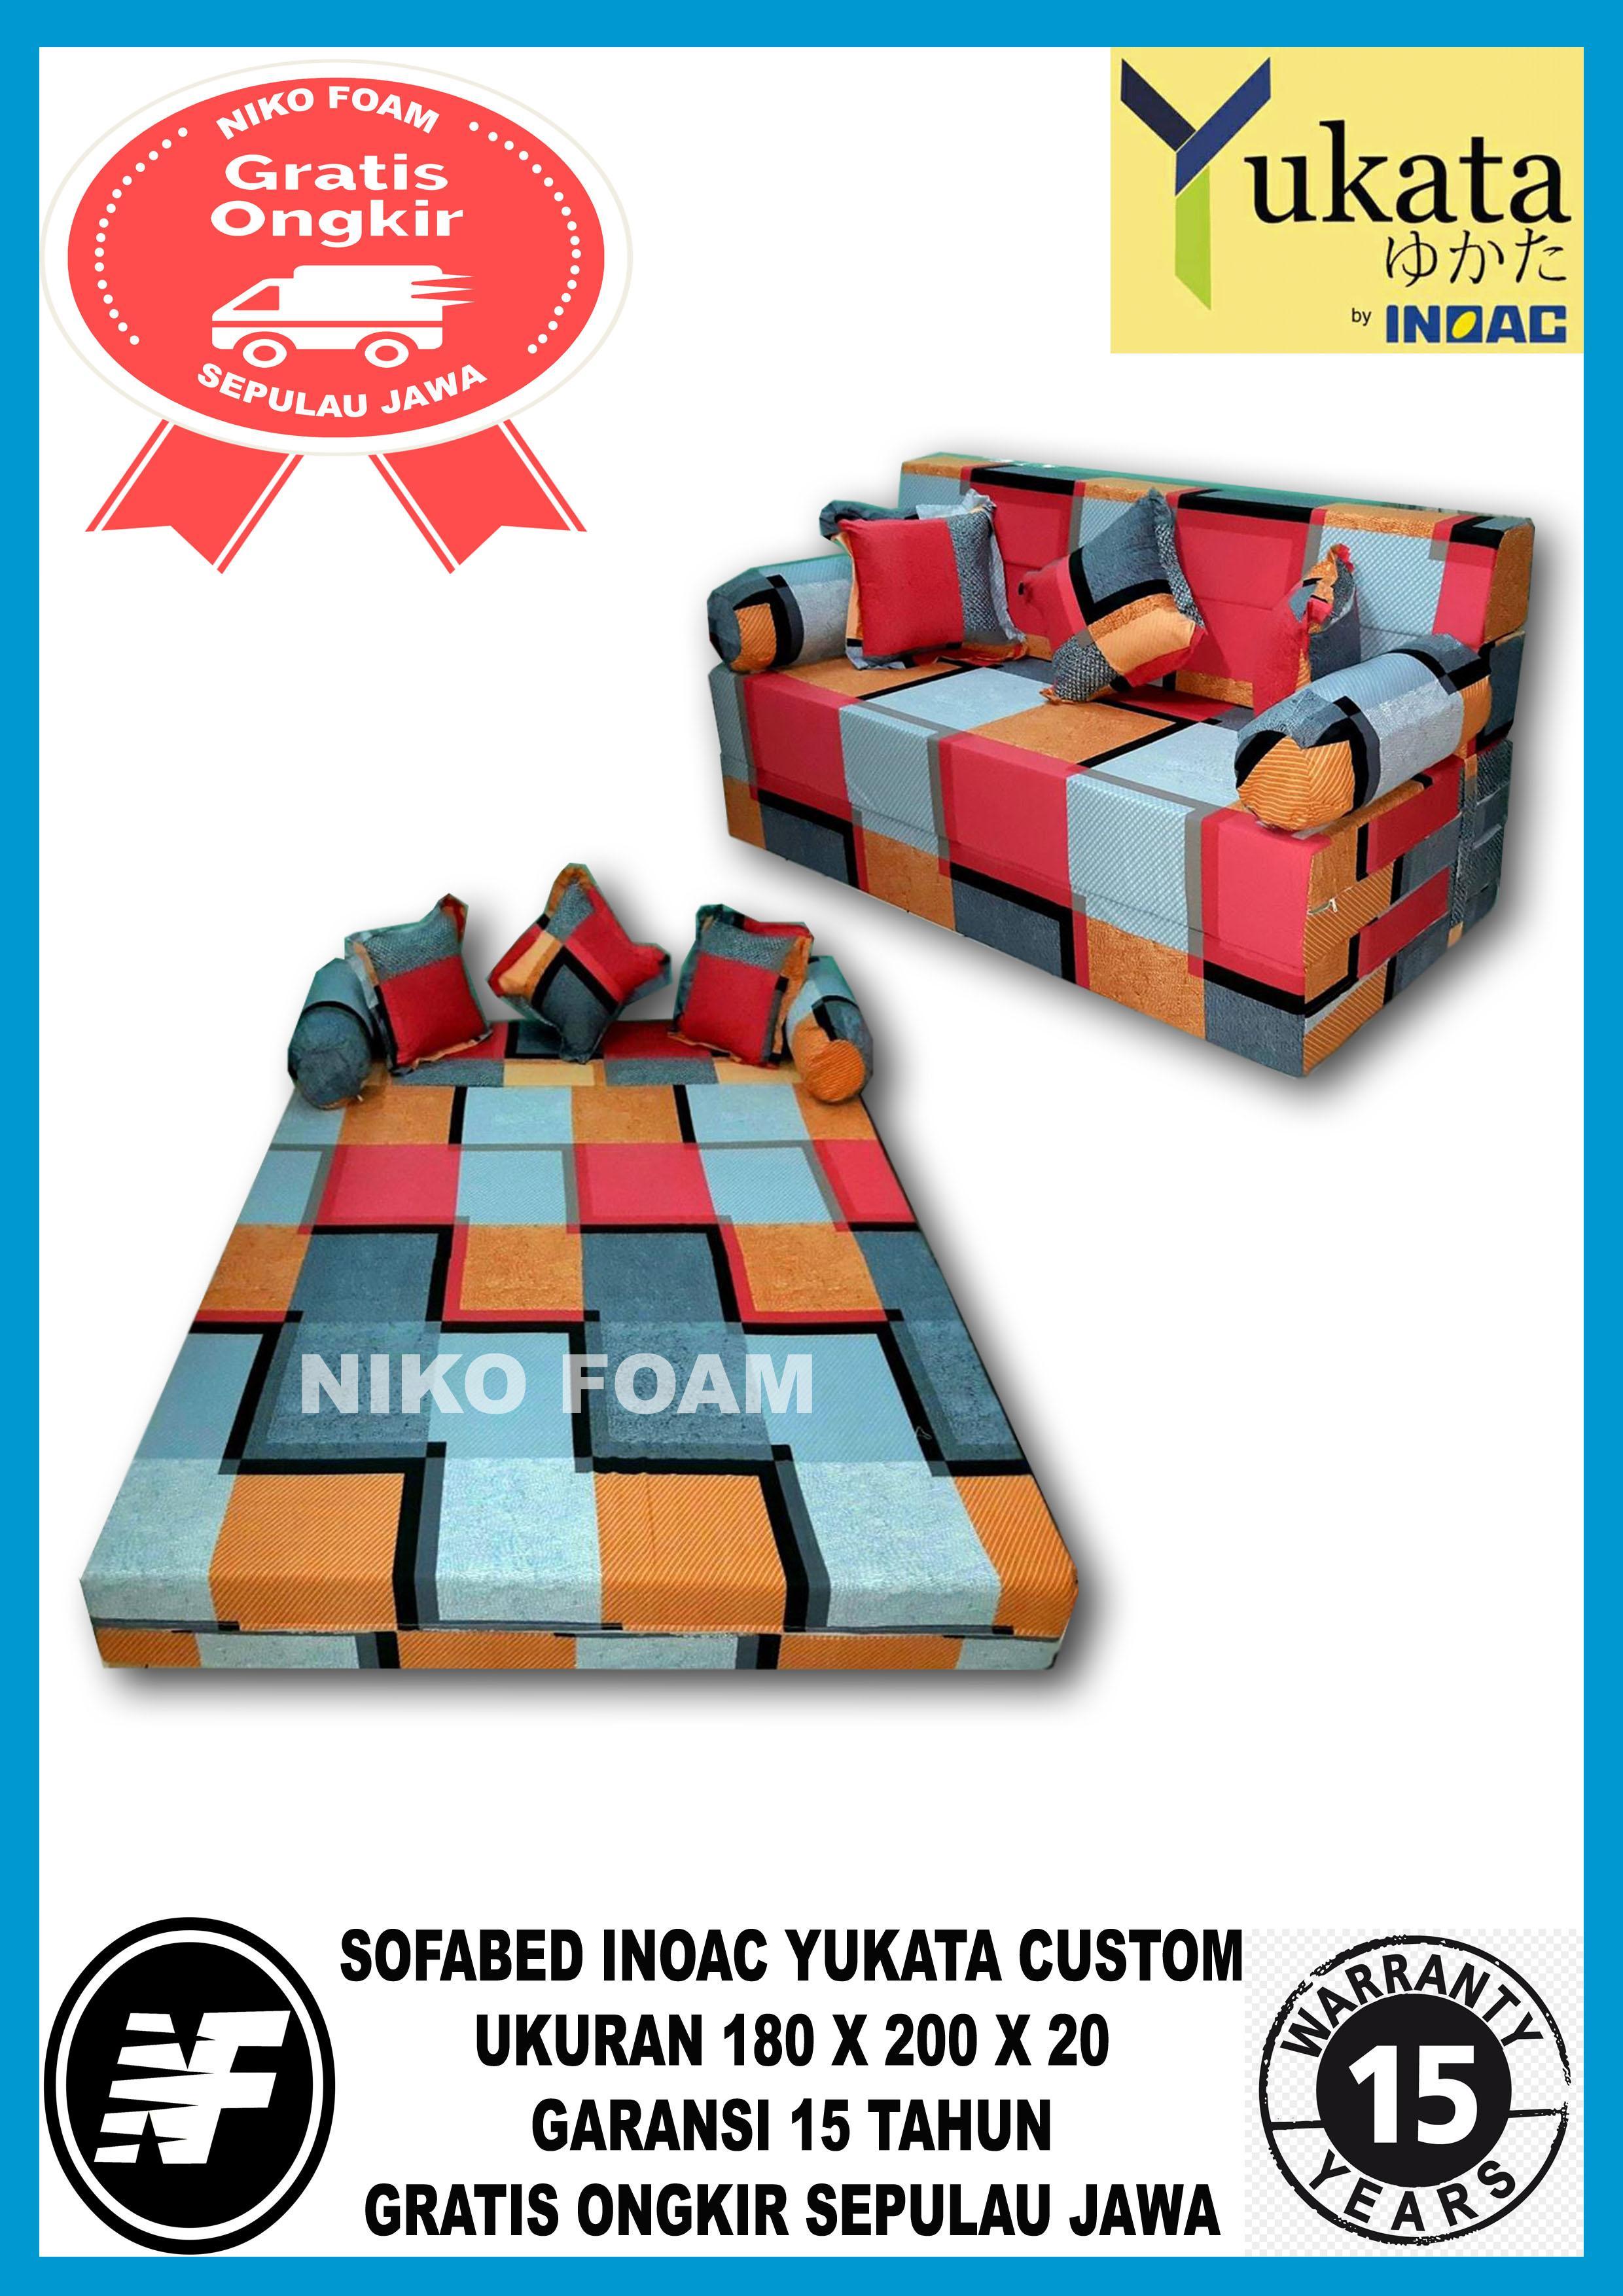 [ GARANSI 15 TAHUN ] Sofa Bed minimalis / Sofa Bed Inoac / Sofa Bed murah / Cover Sofa Bed / Sofa Bed karakter / Sarung Sofa Bed / Sofa Bed lipat /   informa SOFABED / Kasur 3 IN 1  INOAC YUKATA CUSTOM  no 1 (180cm X 200cm X 20cm)  cavali